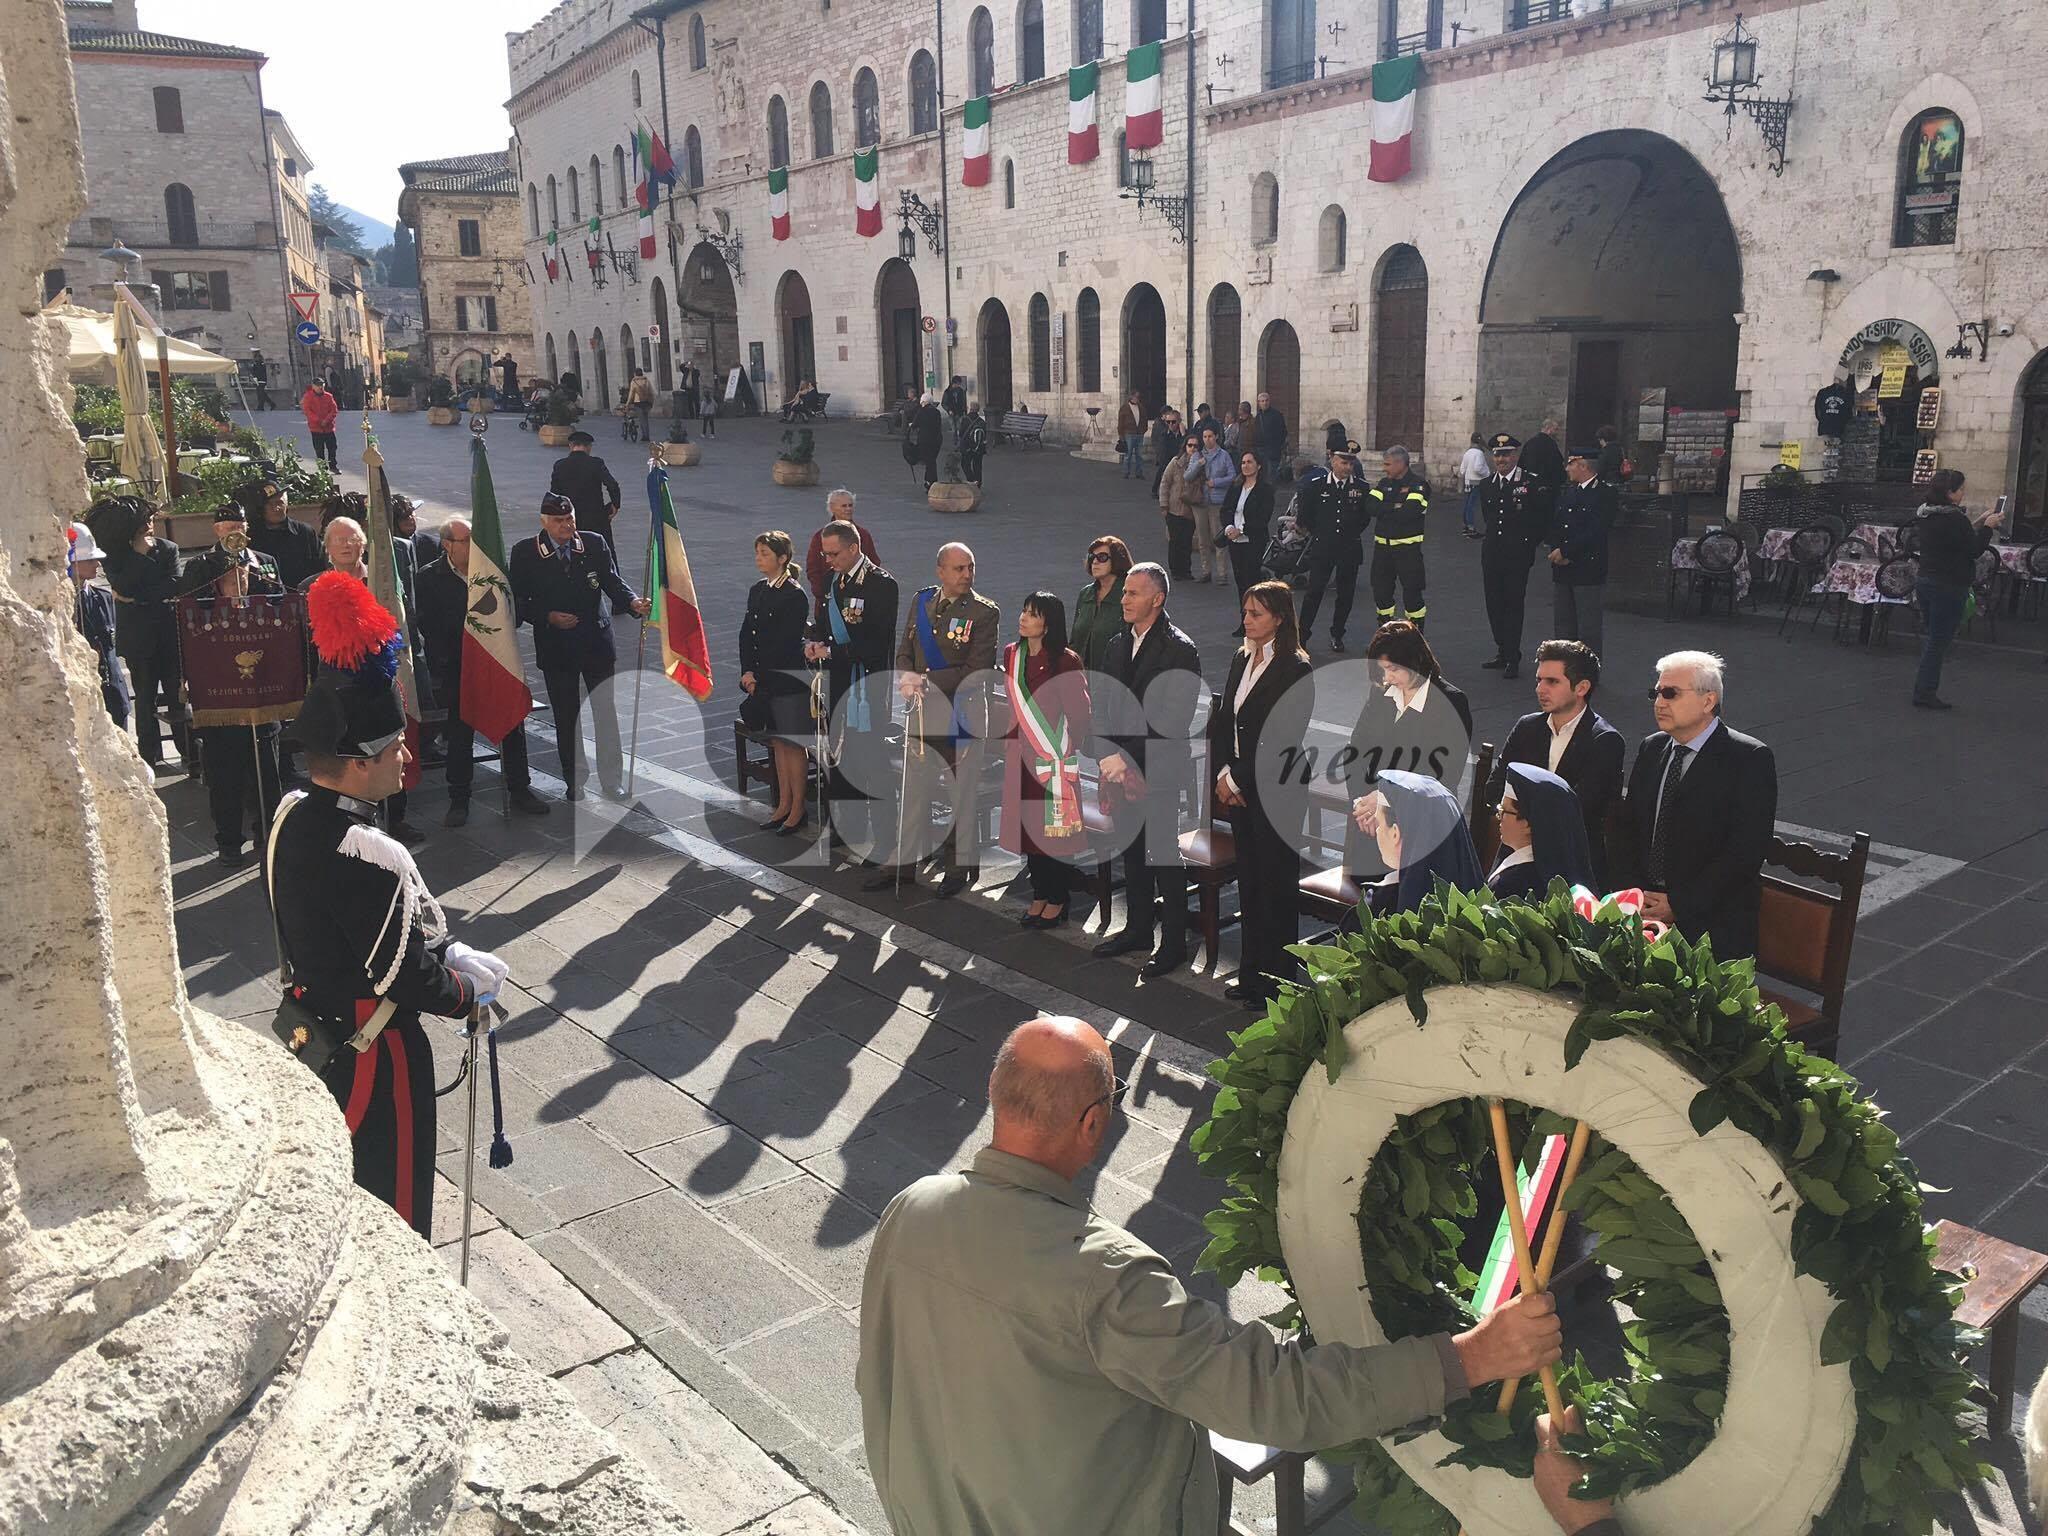 Assisi festeggia la Giornata dell'Unità Nazionale e delle Forze Armate